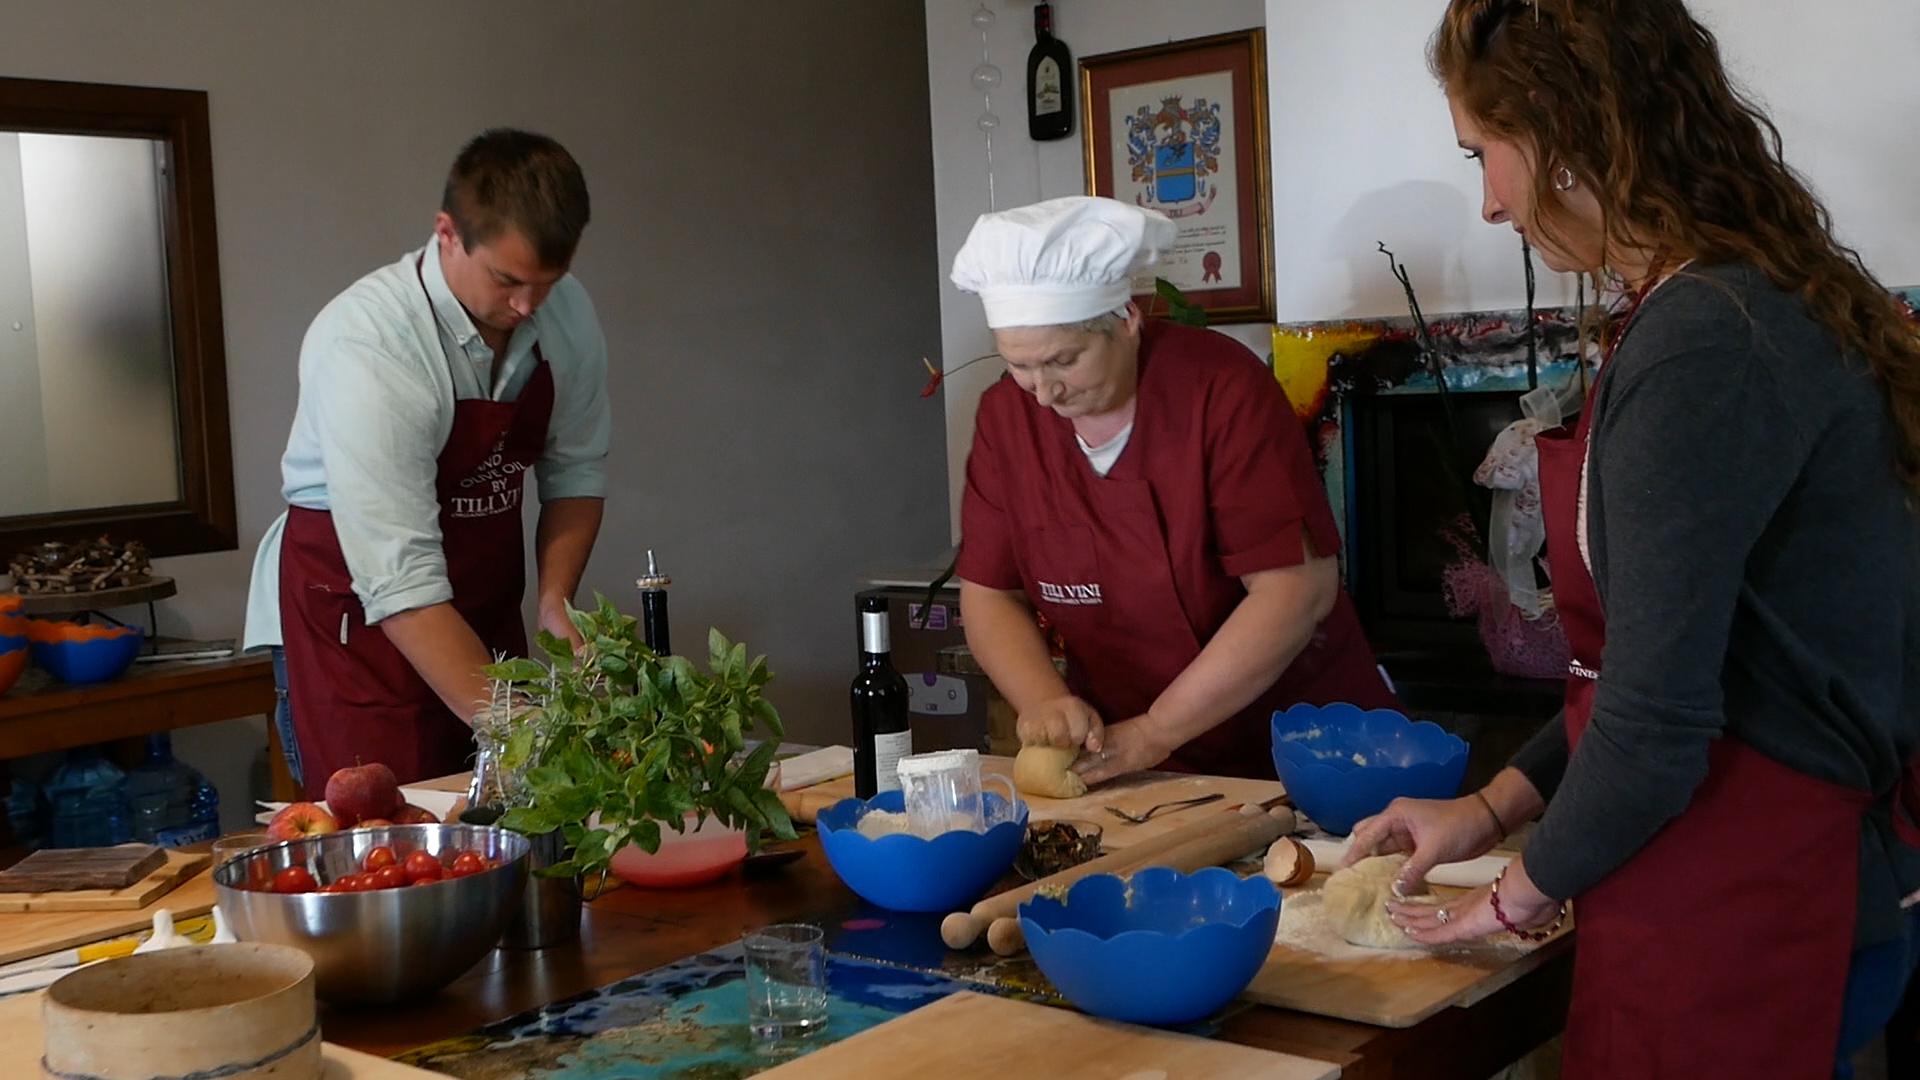 Esperienza sensoriale Assisi Tili Vini - Lezioni di cucina Umbra 2